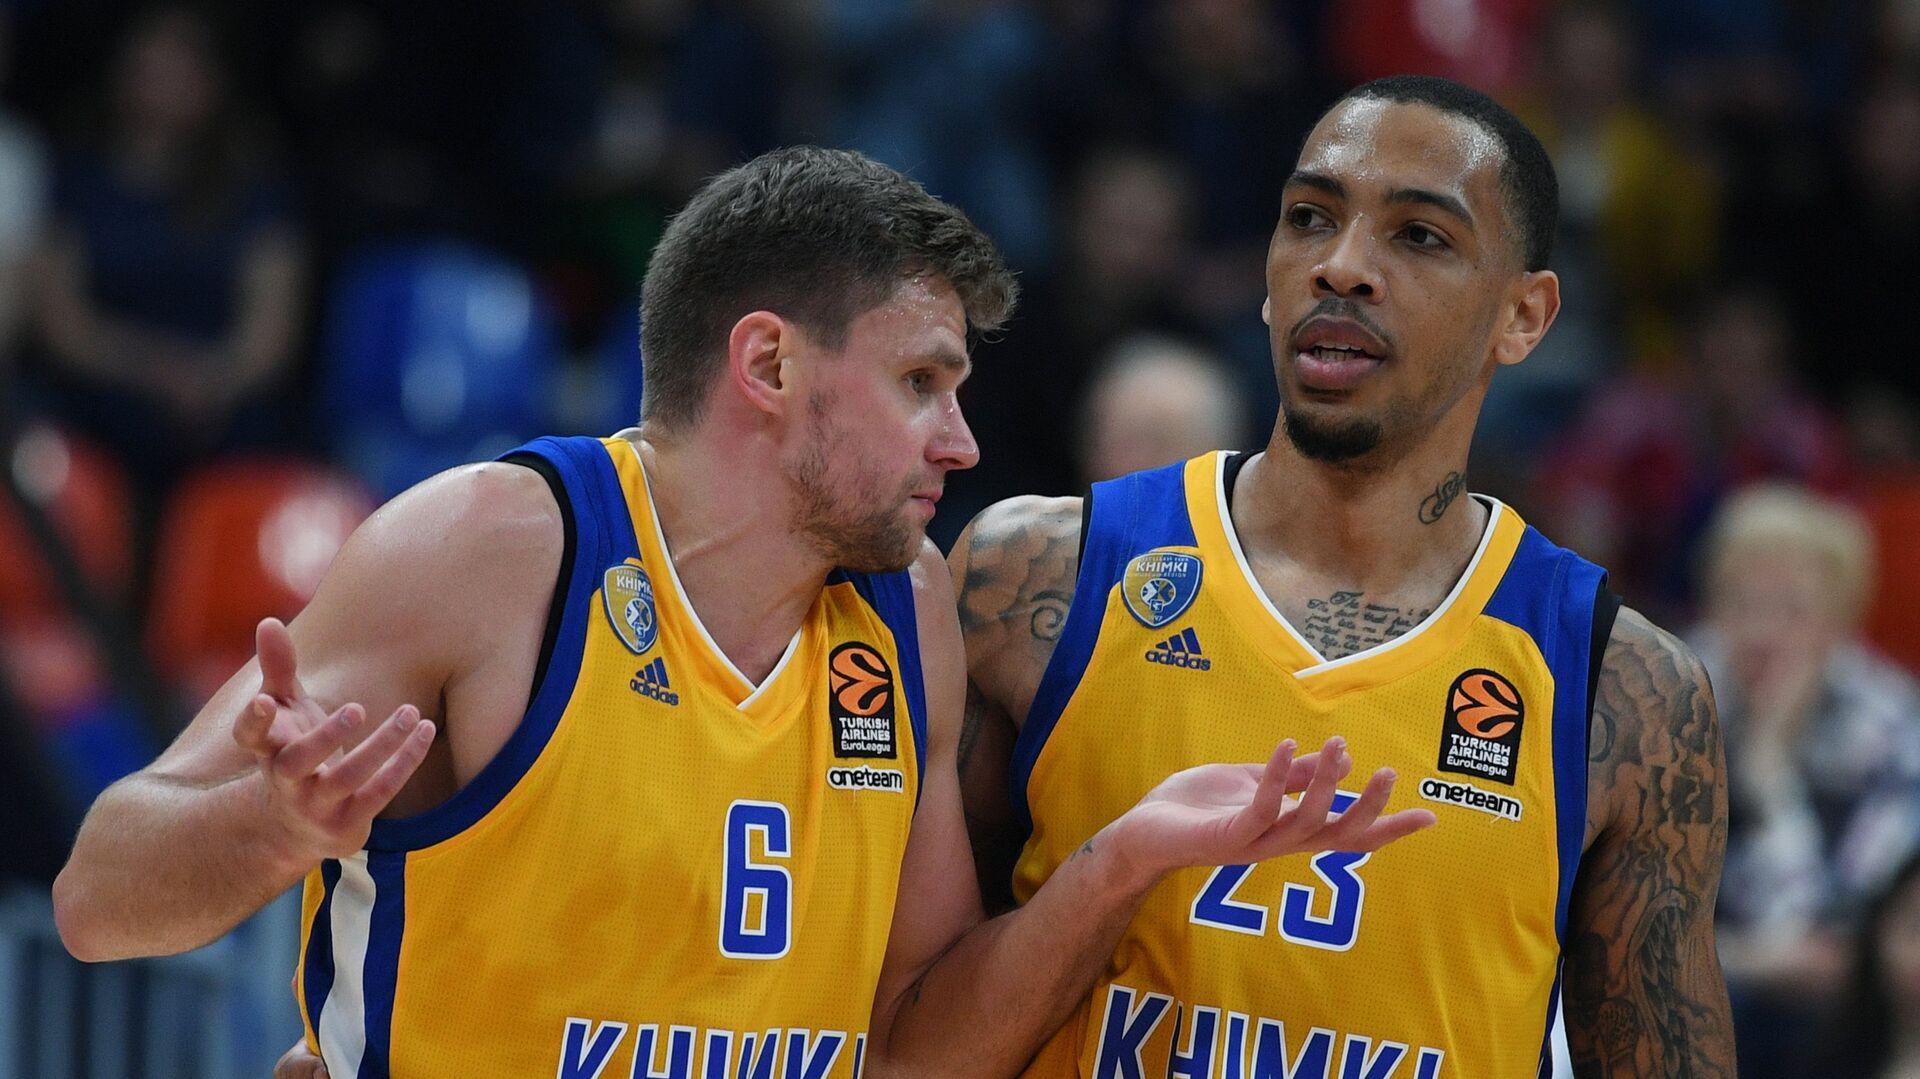 Баскетболисты Химок Егор Вяльцев (слева) и Малкольм Томас  - РИА Новости, 1920, 15.01.2021